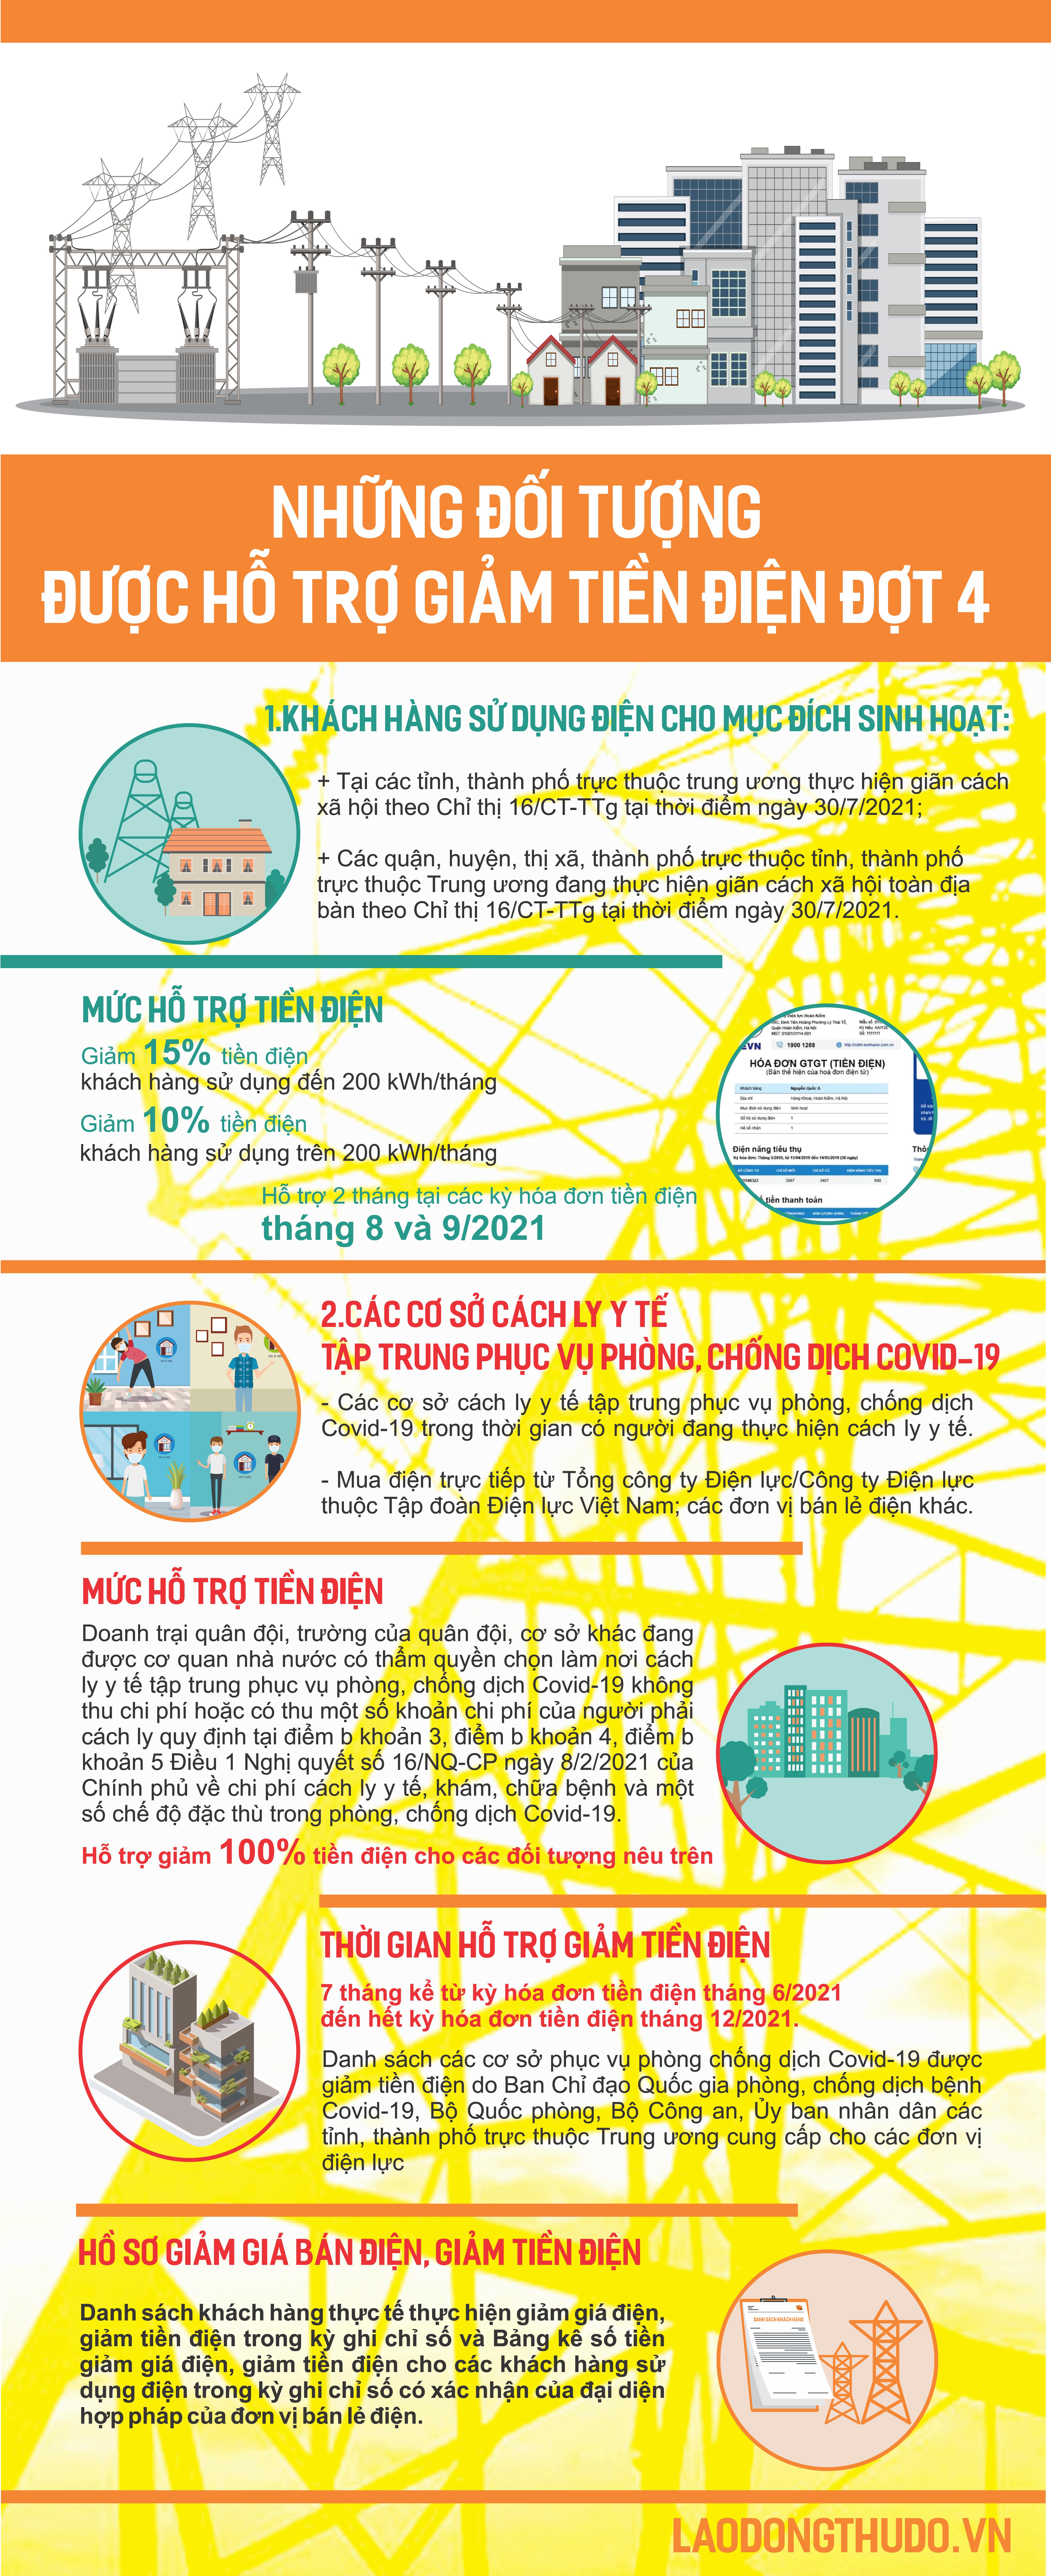 Infographic: Những đối tượng nào được hỗ trợ giảm tiền điện đợt 4